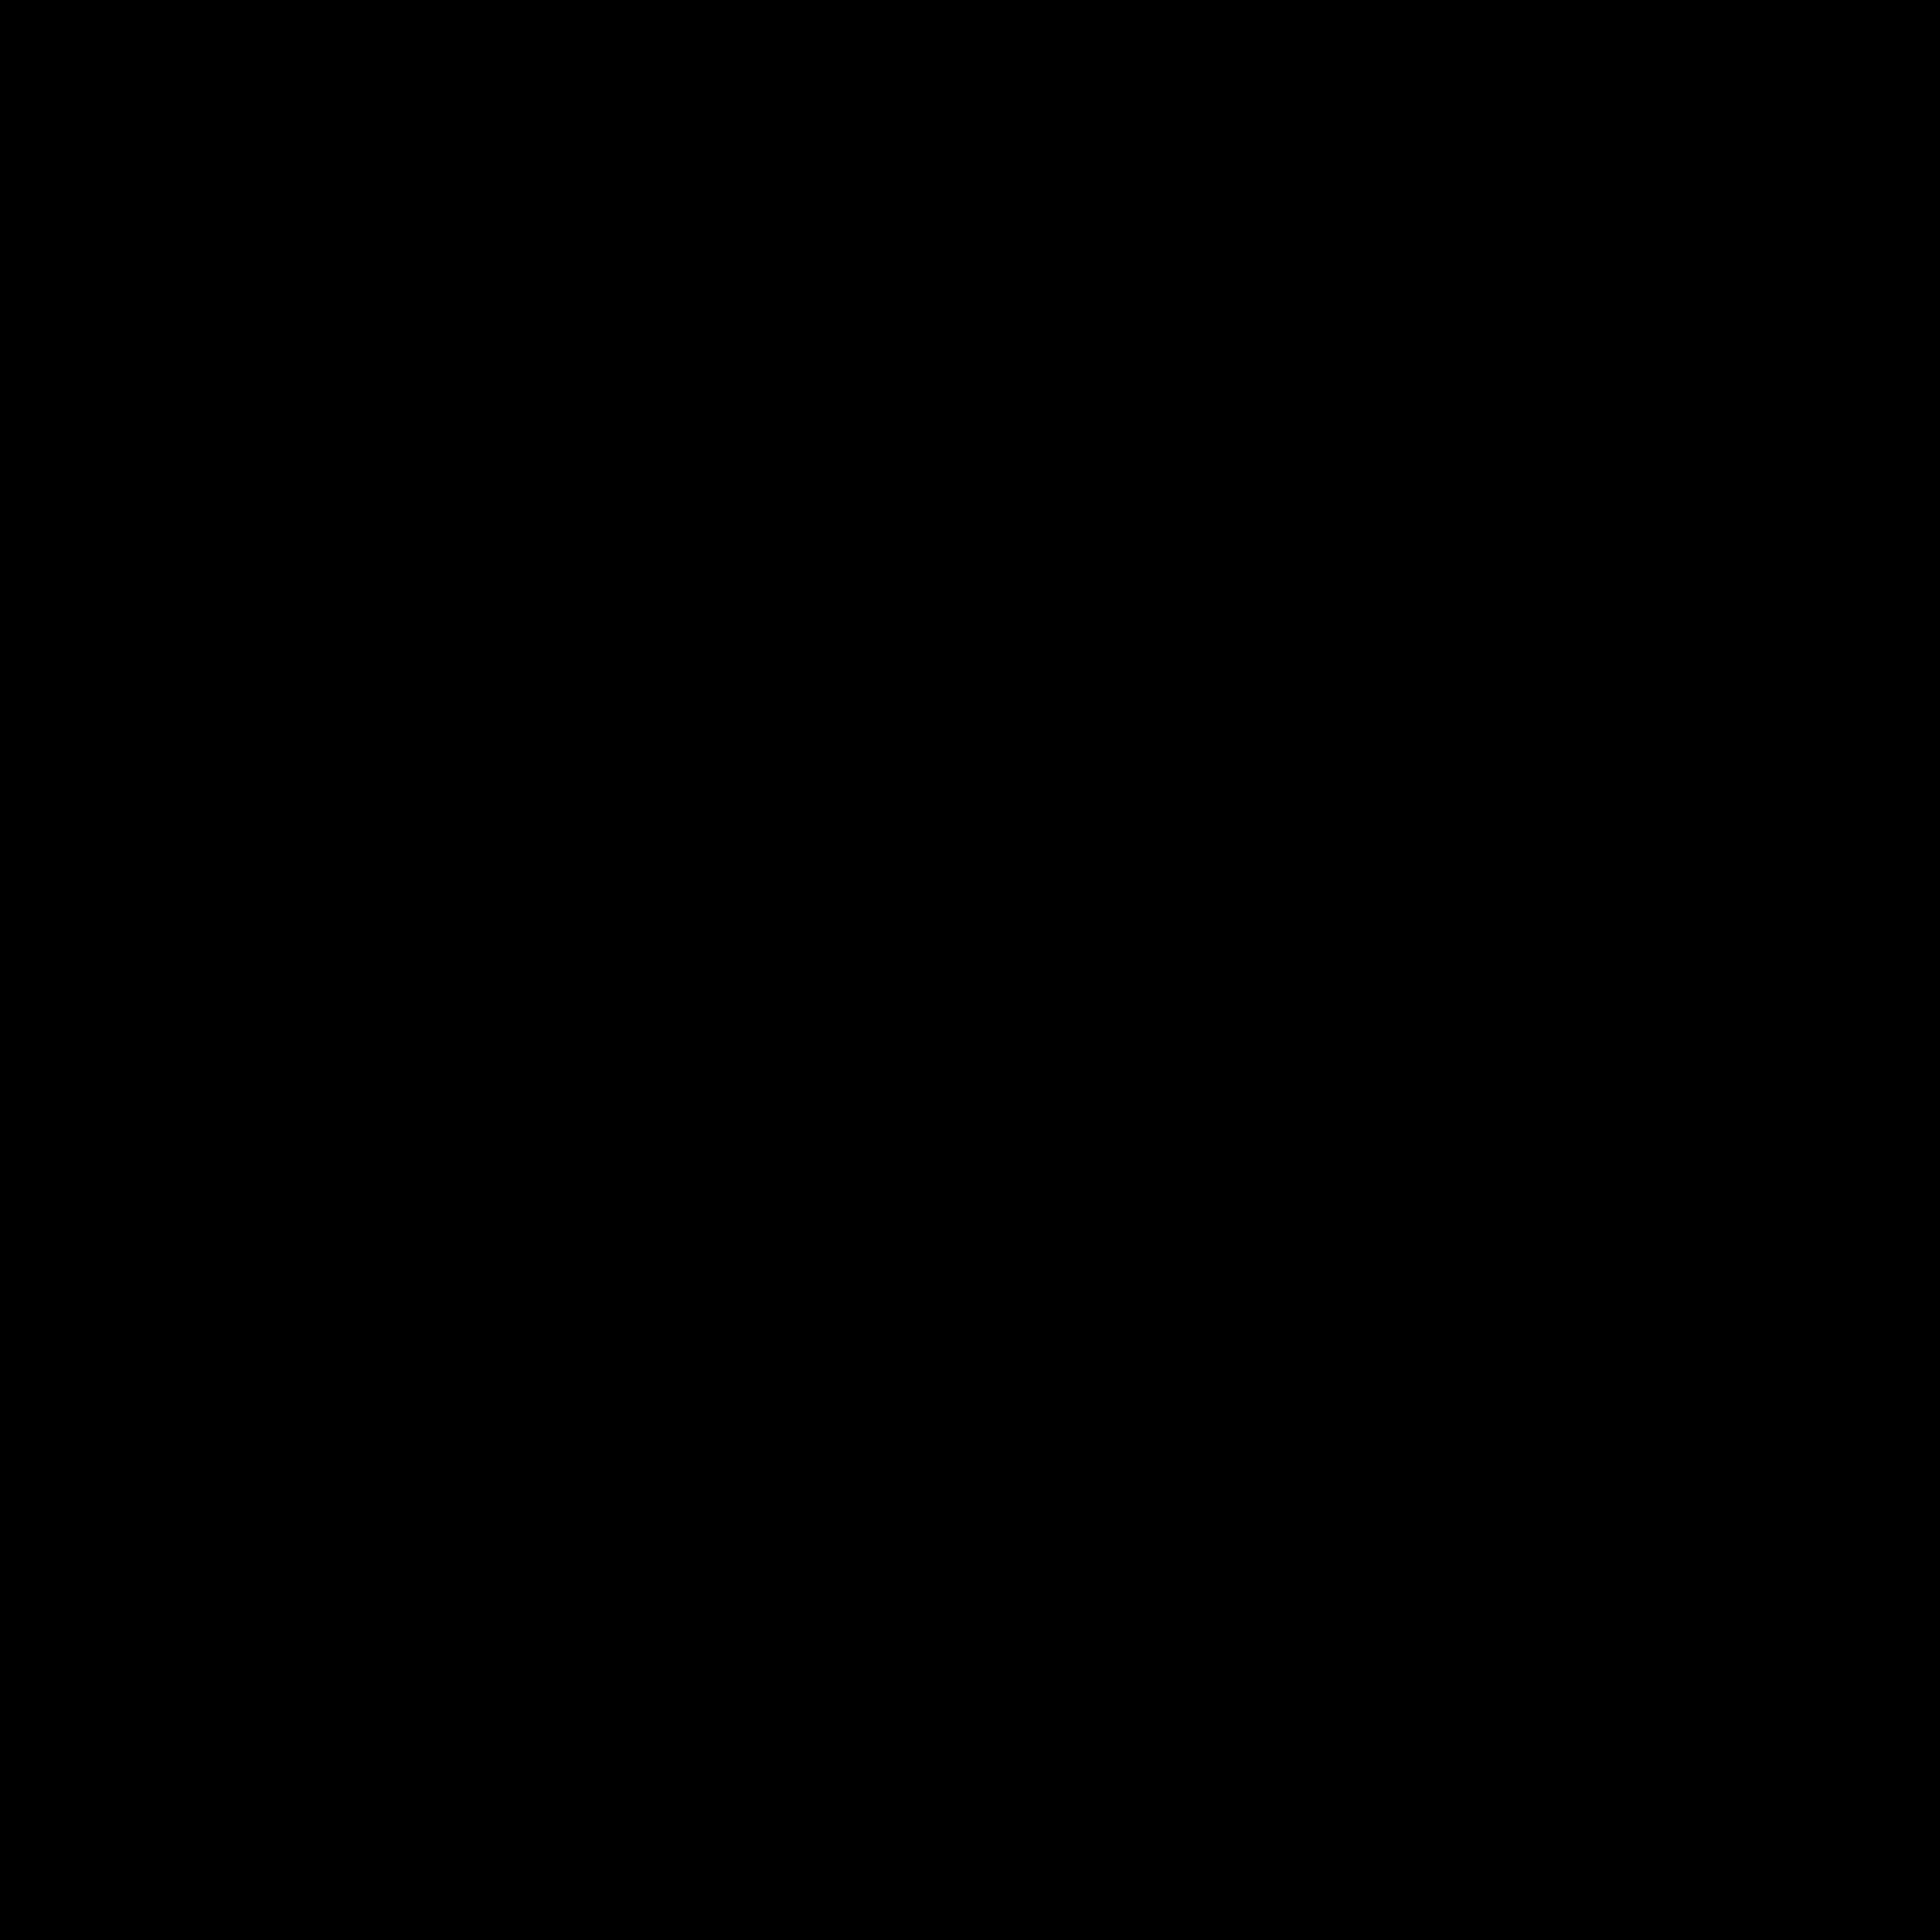 Guia CCXP